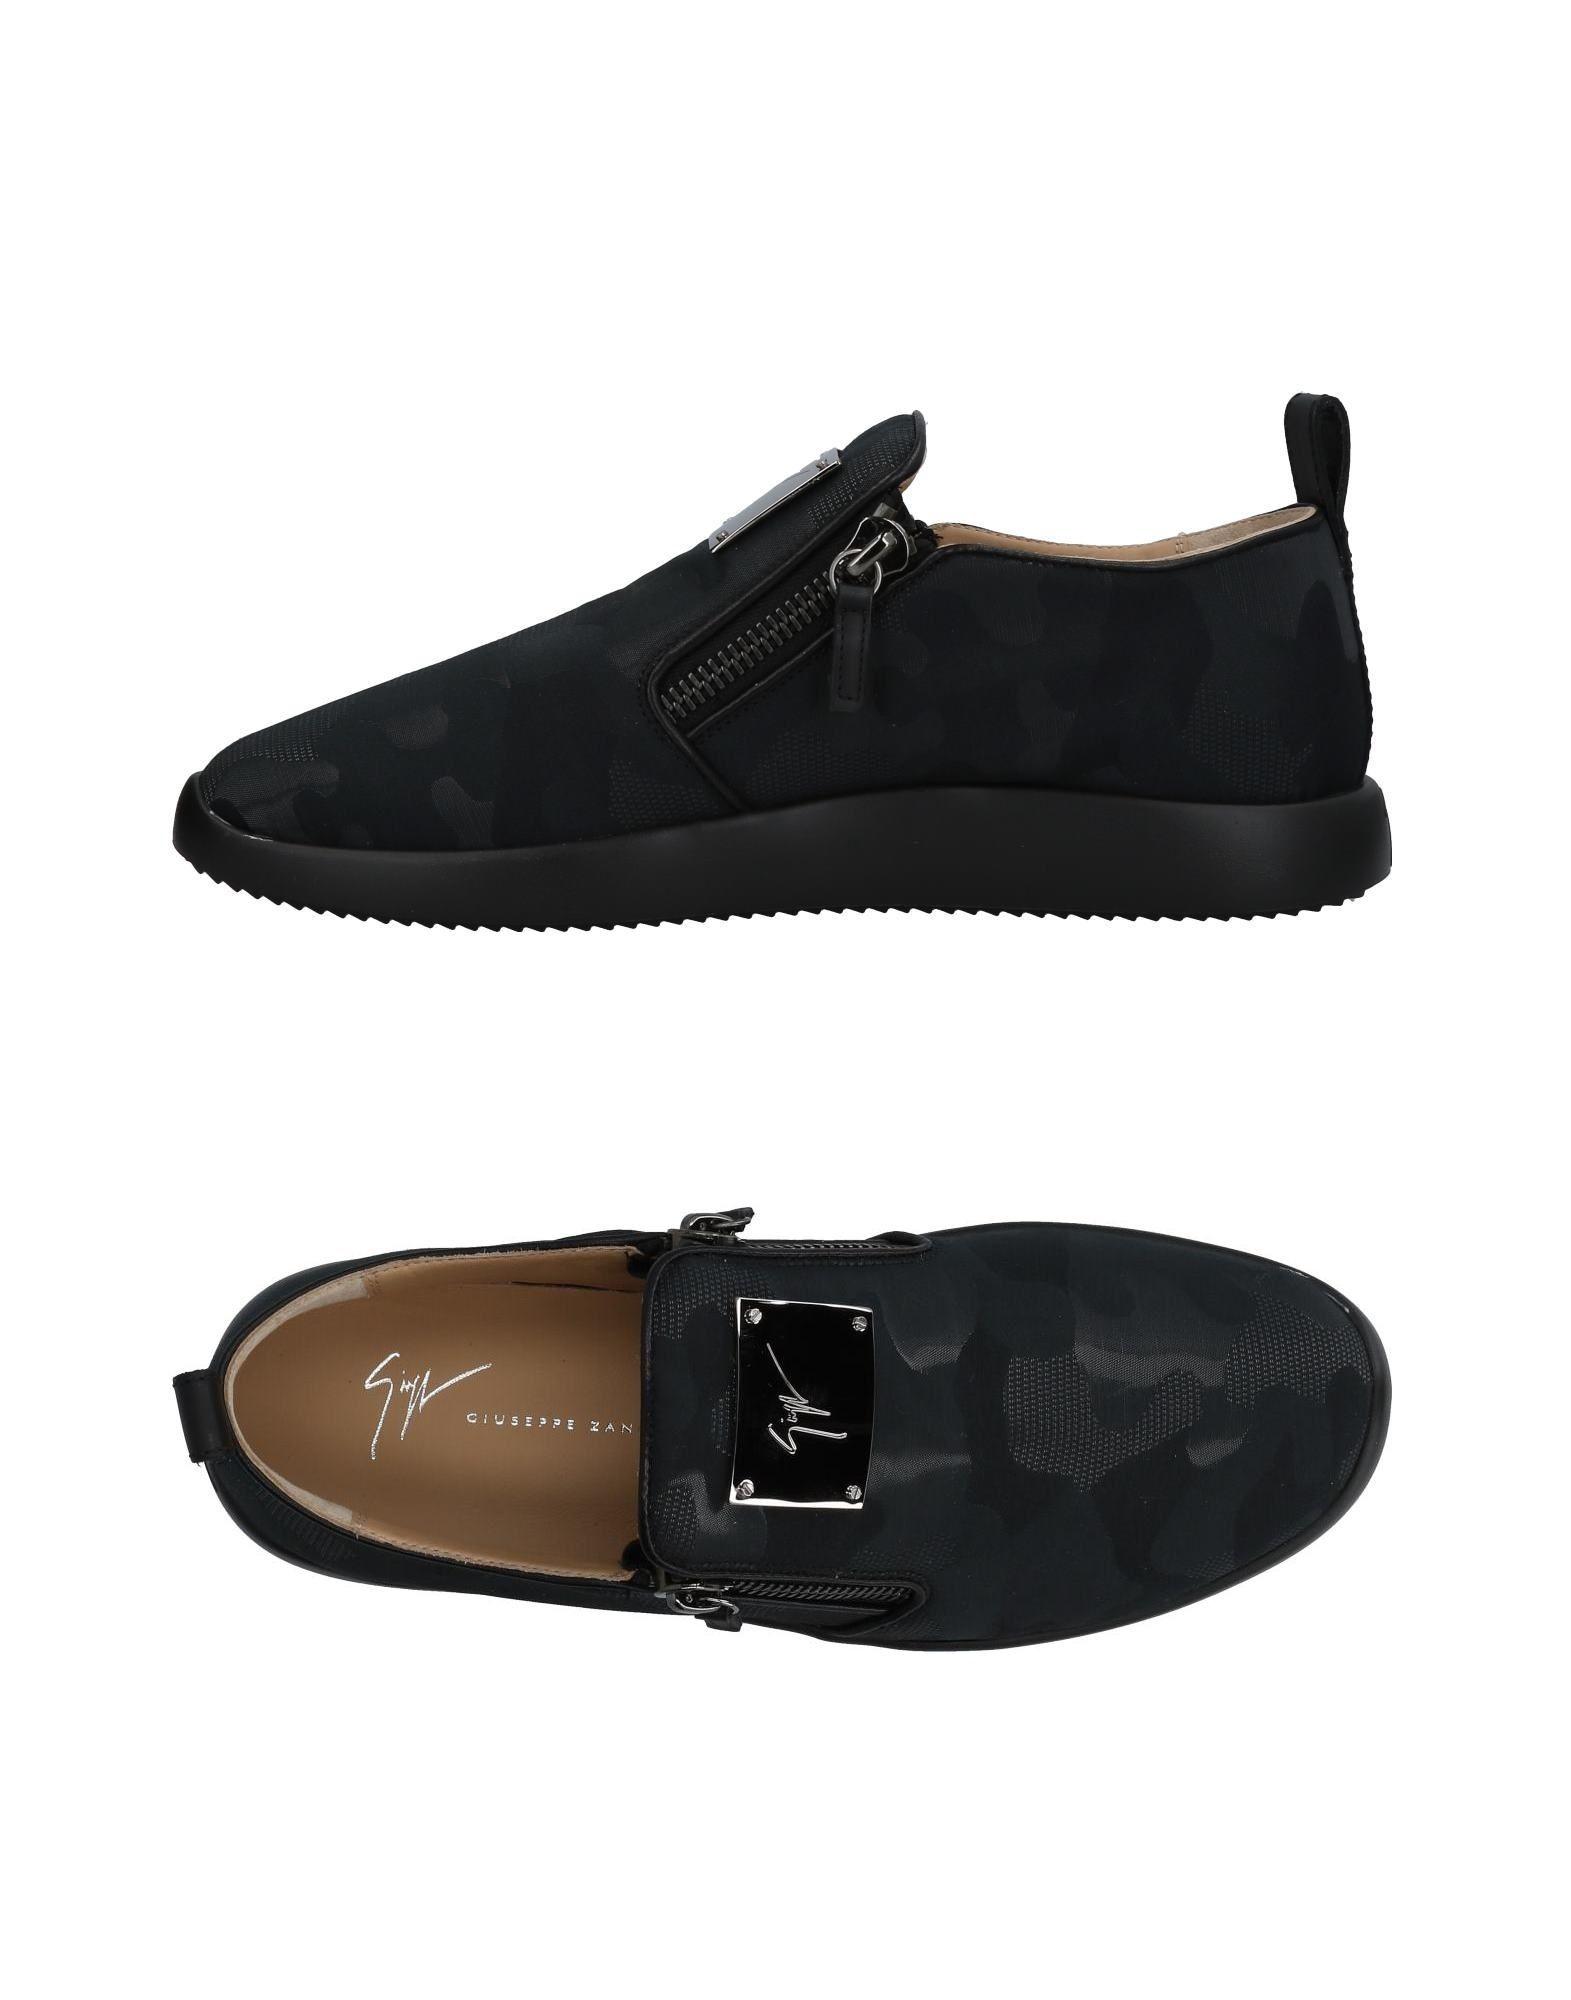 online Zanotti Acquista Giuseppe su Uomo Sneakers Design PwFAFq